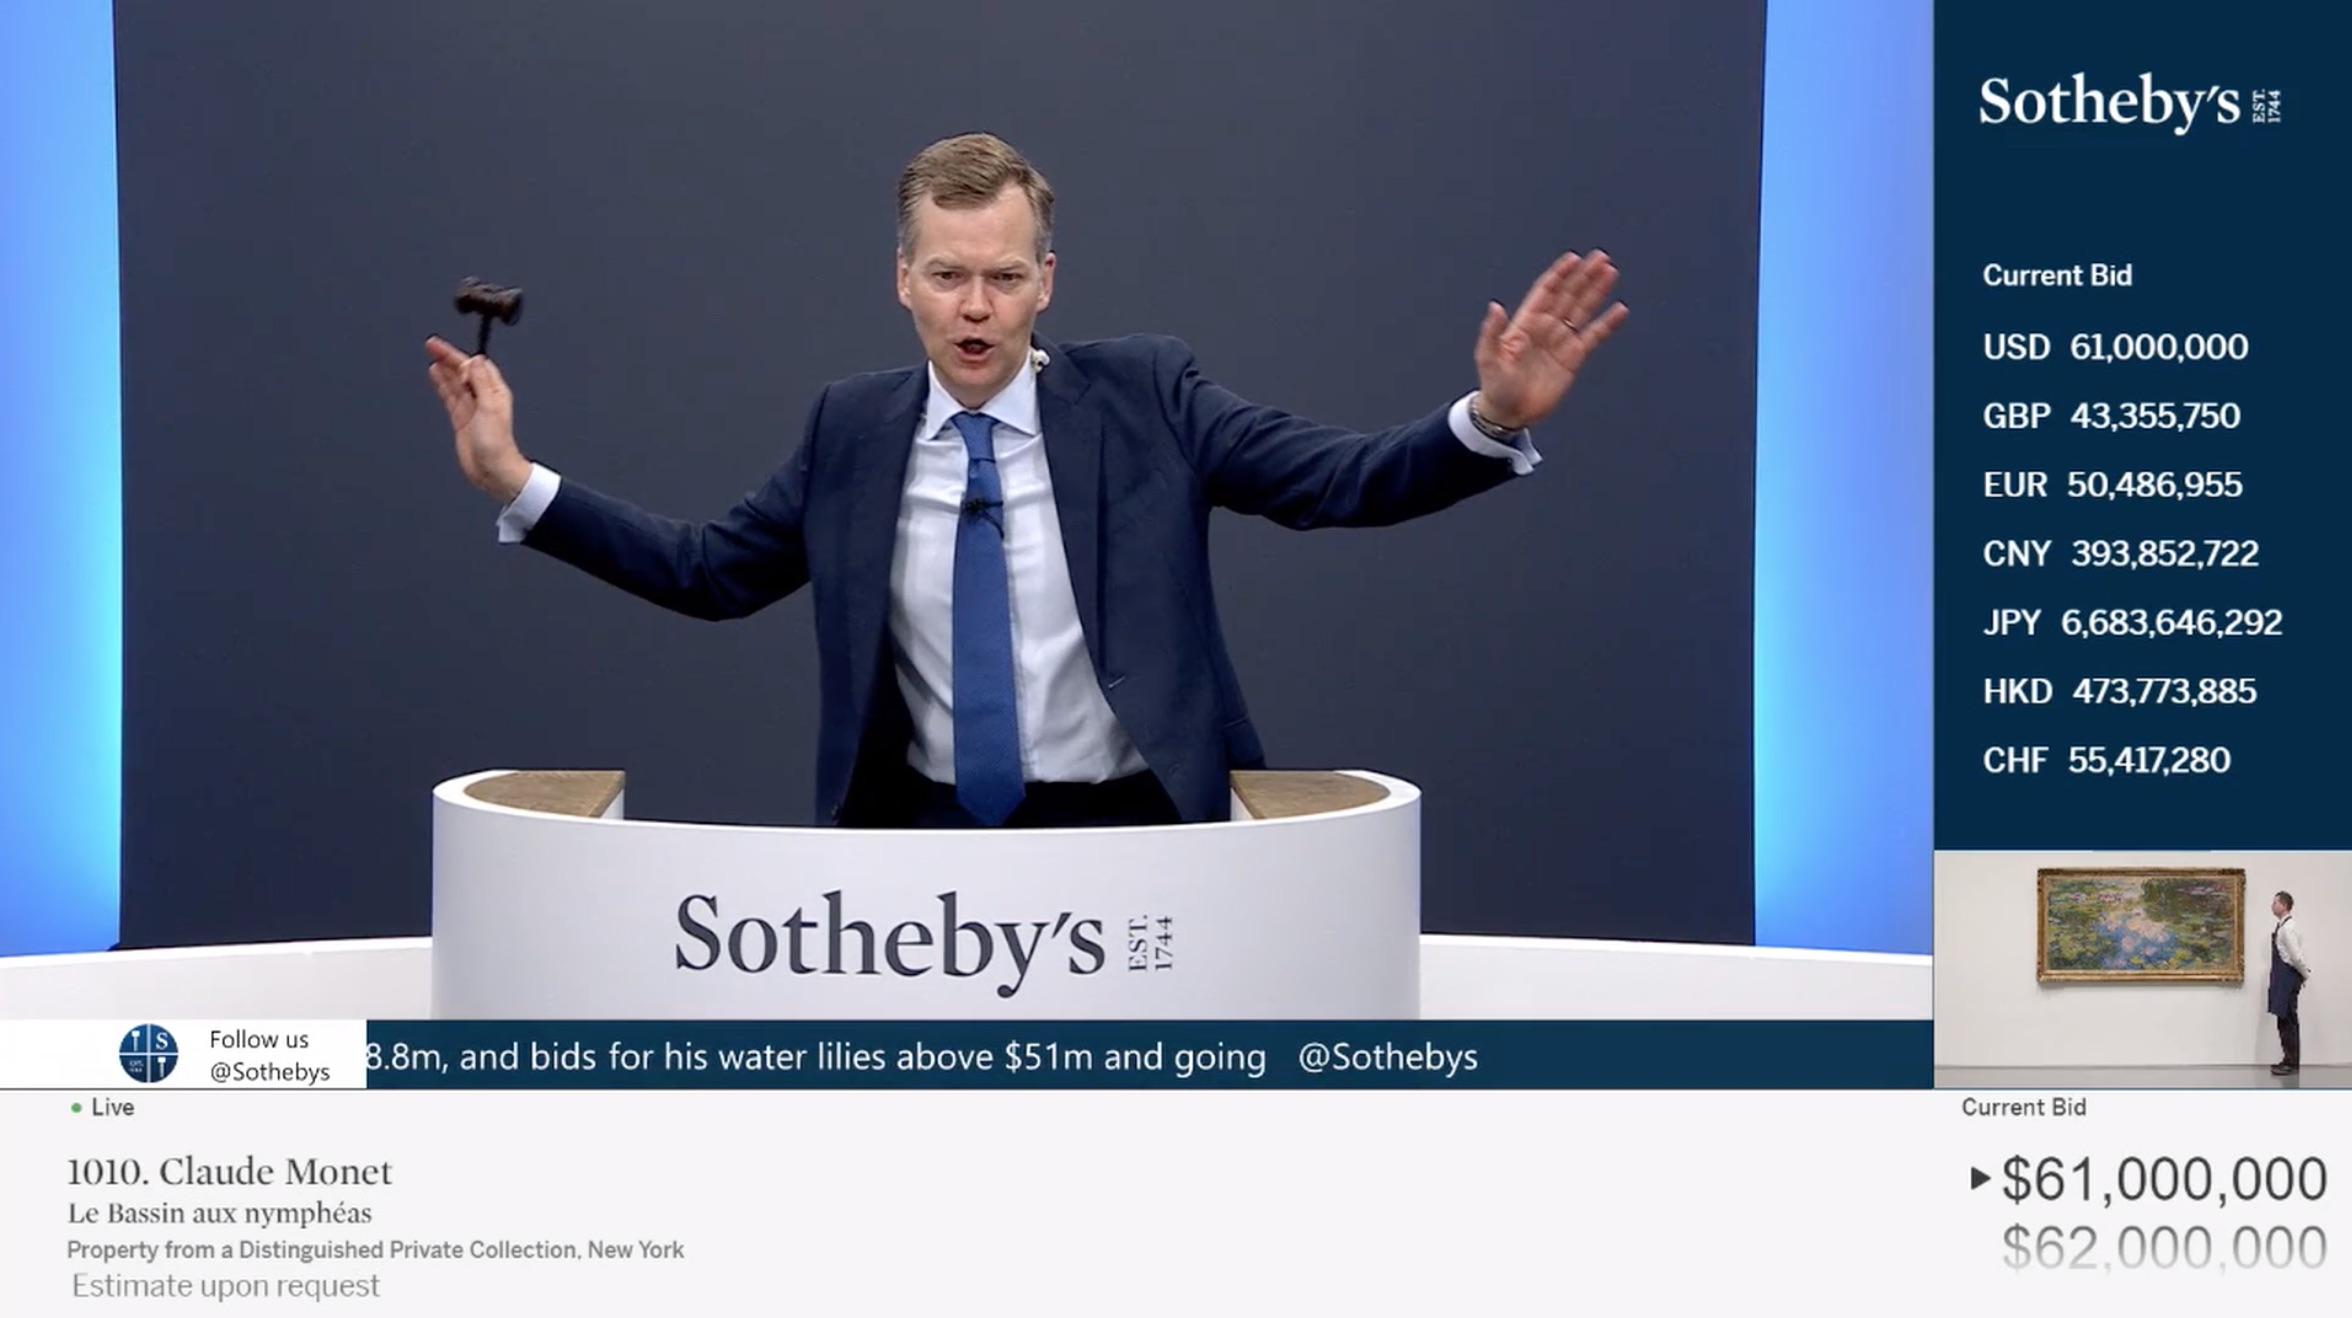 Sothebys Monet battuto a 61 milioni di dollari